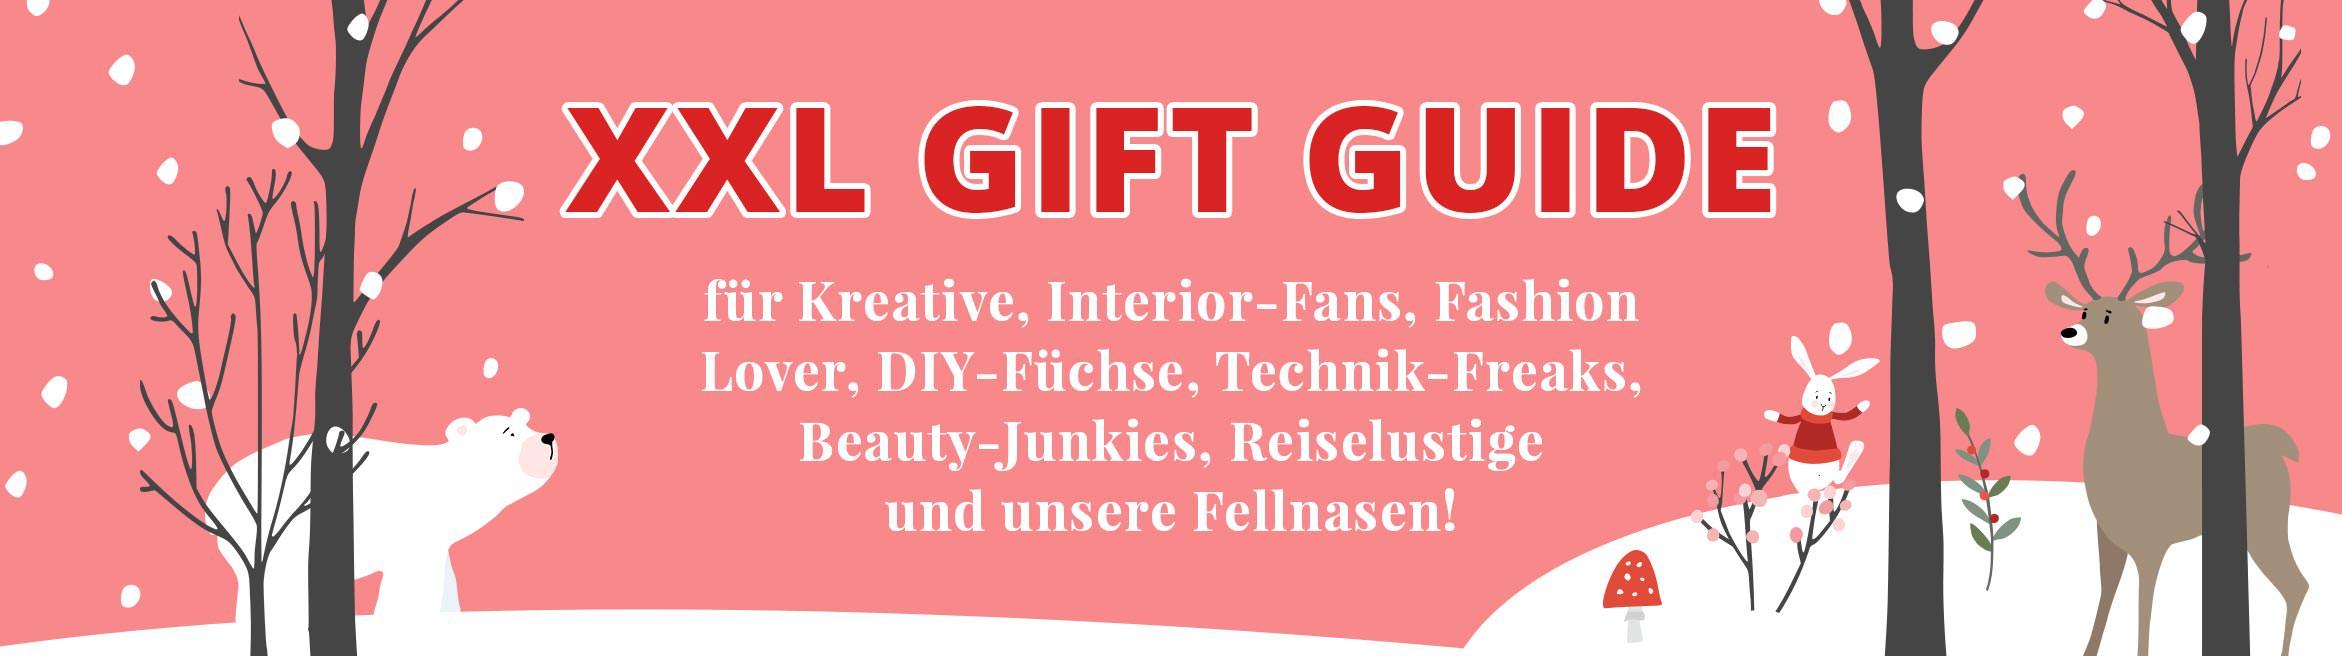 XXL Gift Guide, Was soll ich zu Weihnachten schenken, Geschenkideen für Weihnachten, XMAS Gift Ideas, Technik, Kreative, Tiere, Freundin, Mama, Papa, Eltern, Schwester, Bruder, Freund, Geschenkideen, Style Blog, www.whoismocca.com